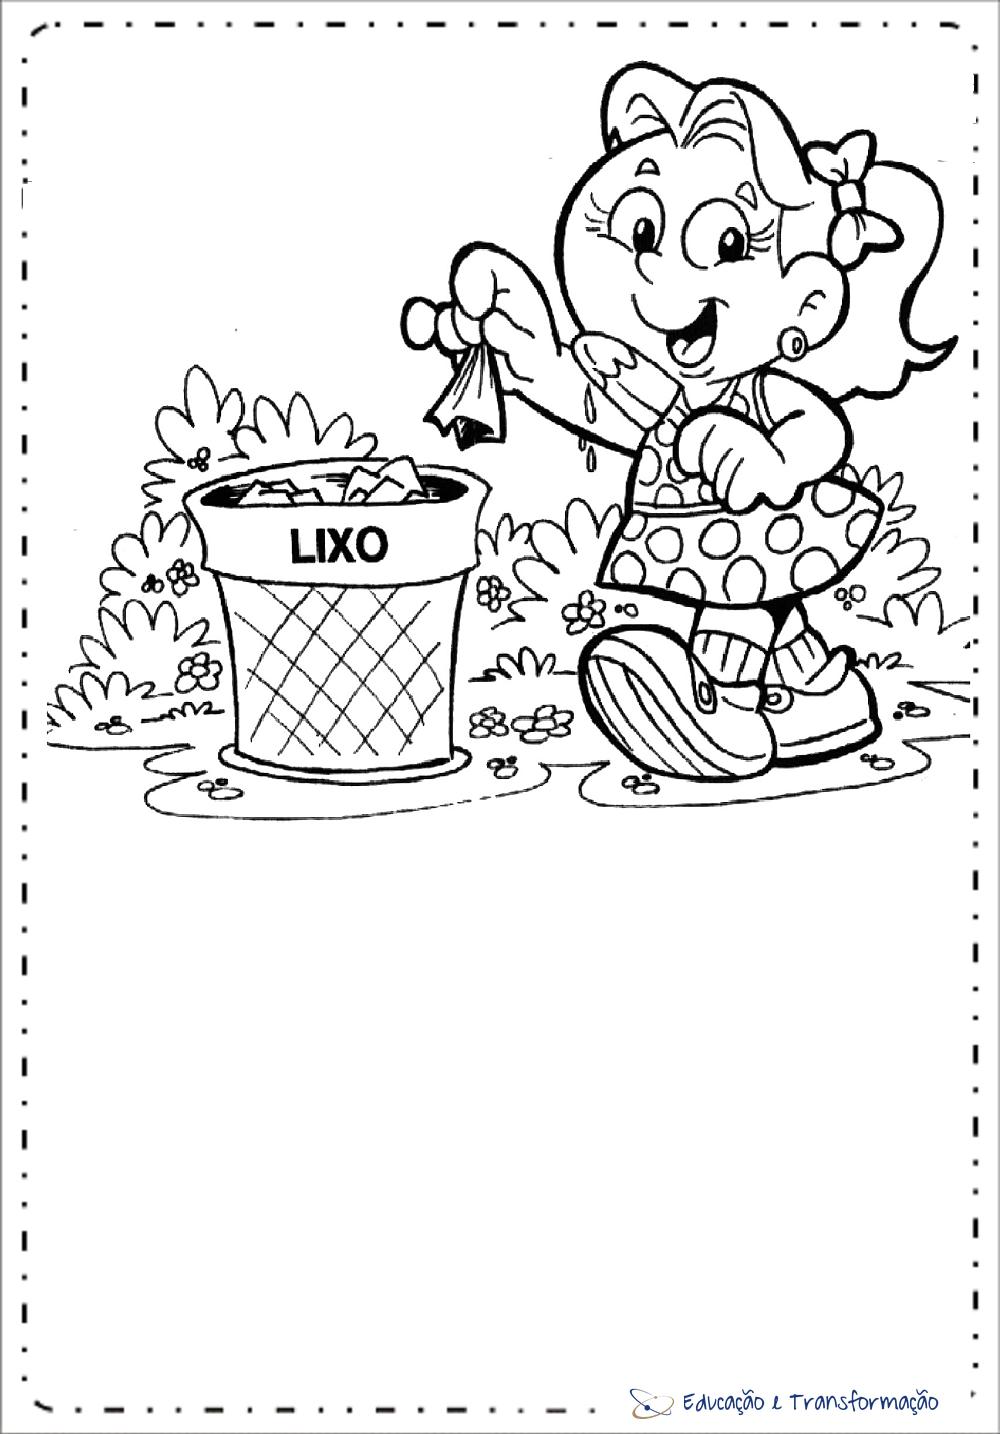 Atividades meio ambiente educação infantil para colorir